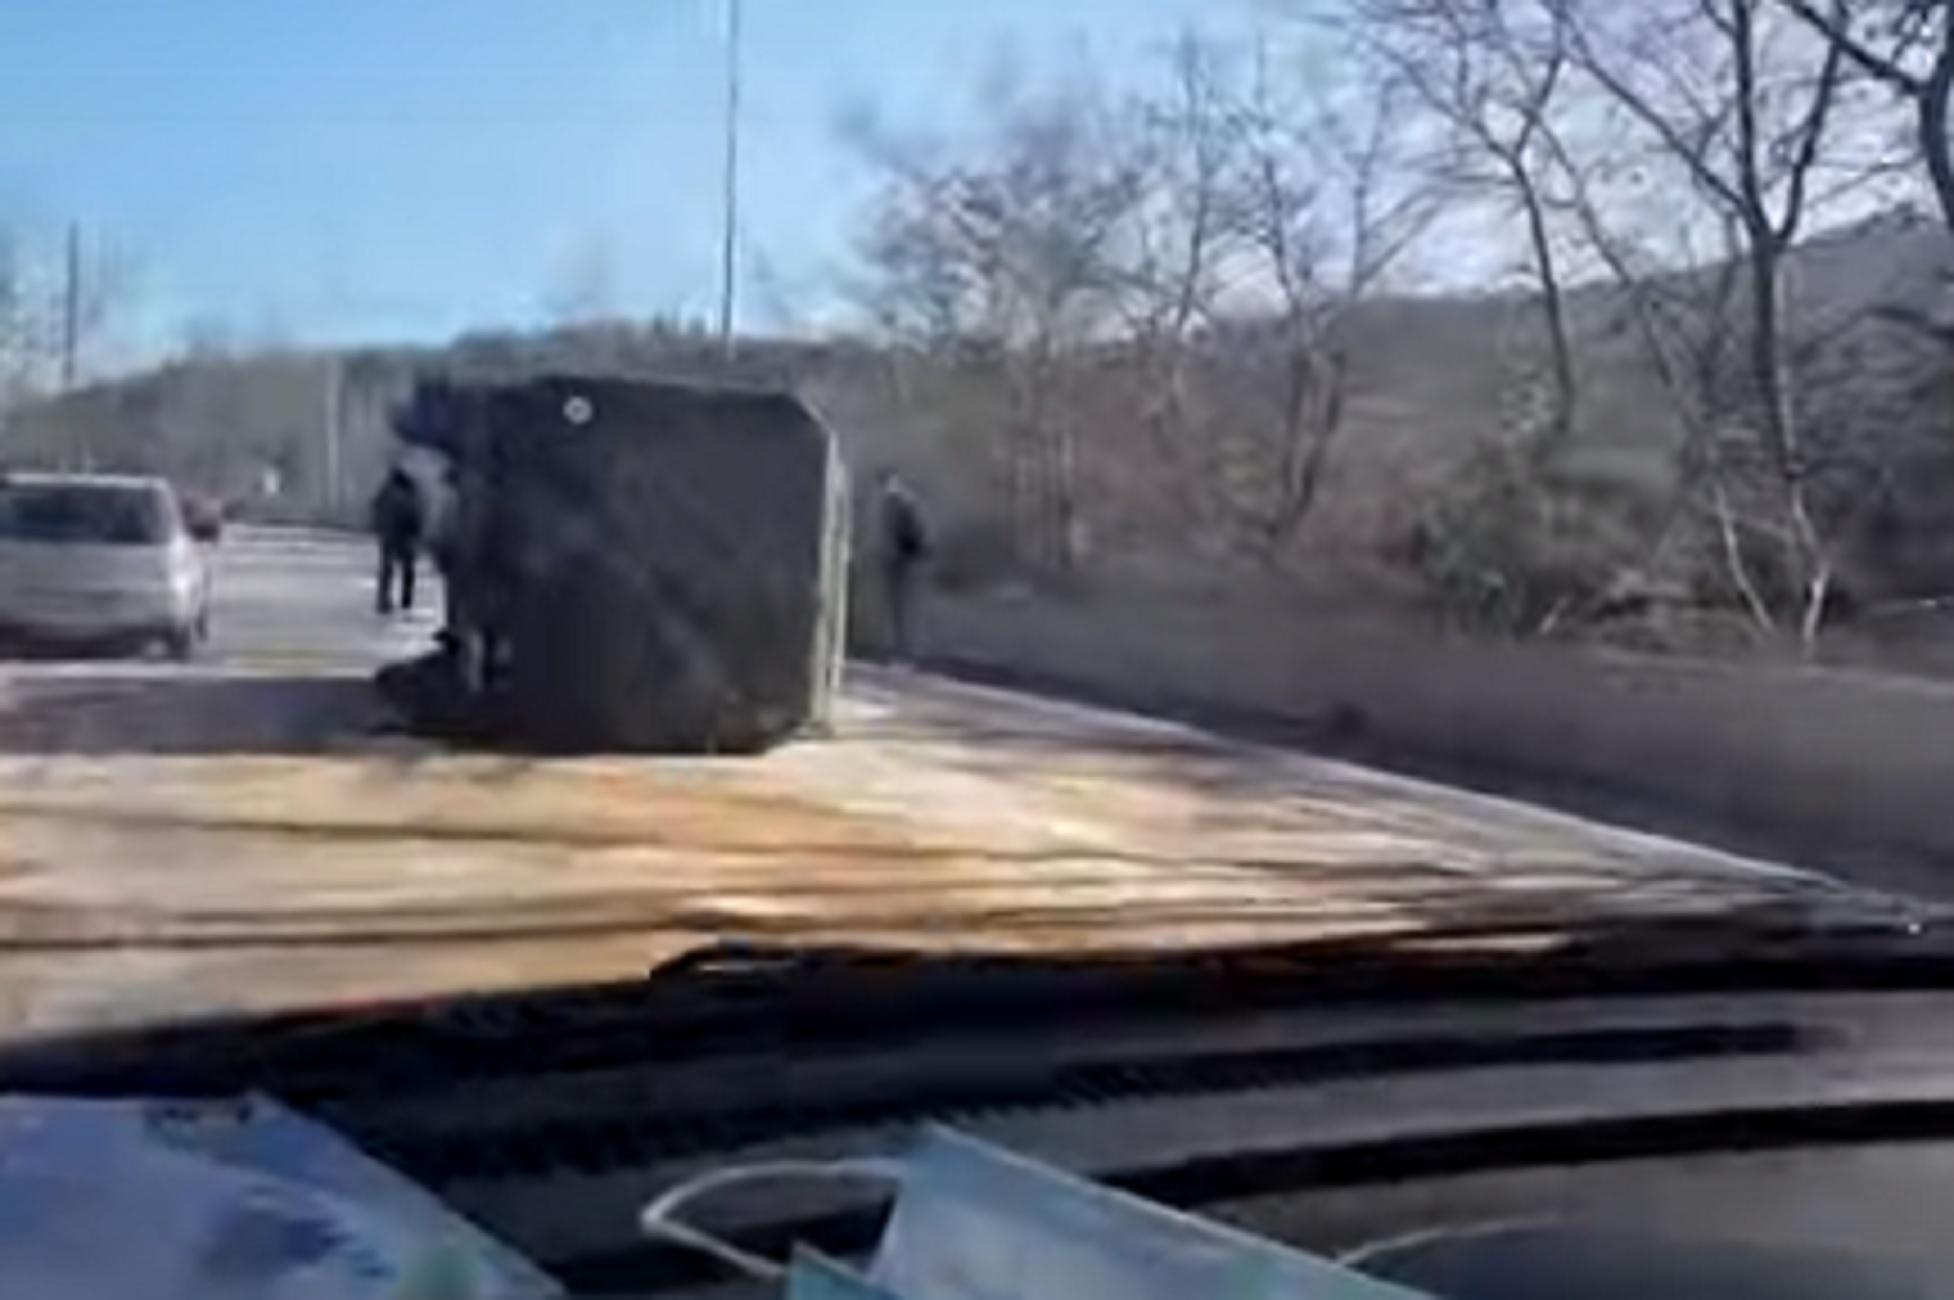 Θεσσαλονίκη: Τροχαίο με «καναδέζα» του στρατού – Αυτοψία μετά τη στροφή που χάθηκε ο έλεγχος (video)